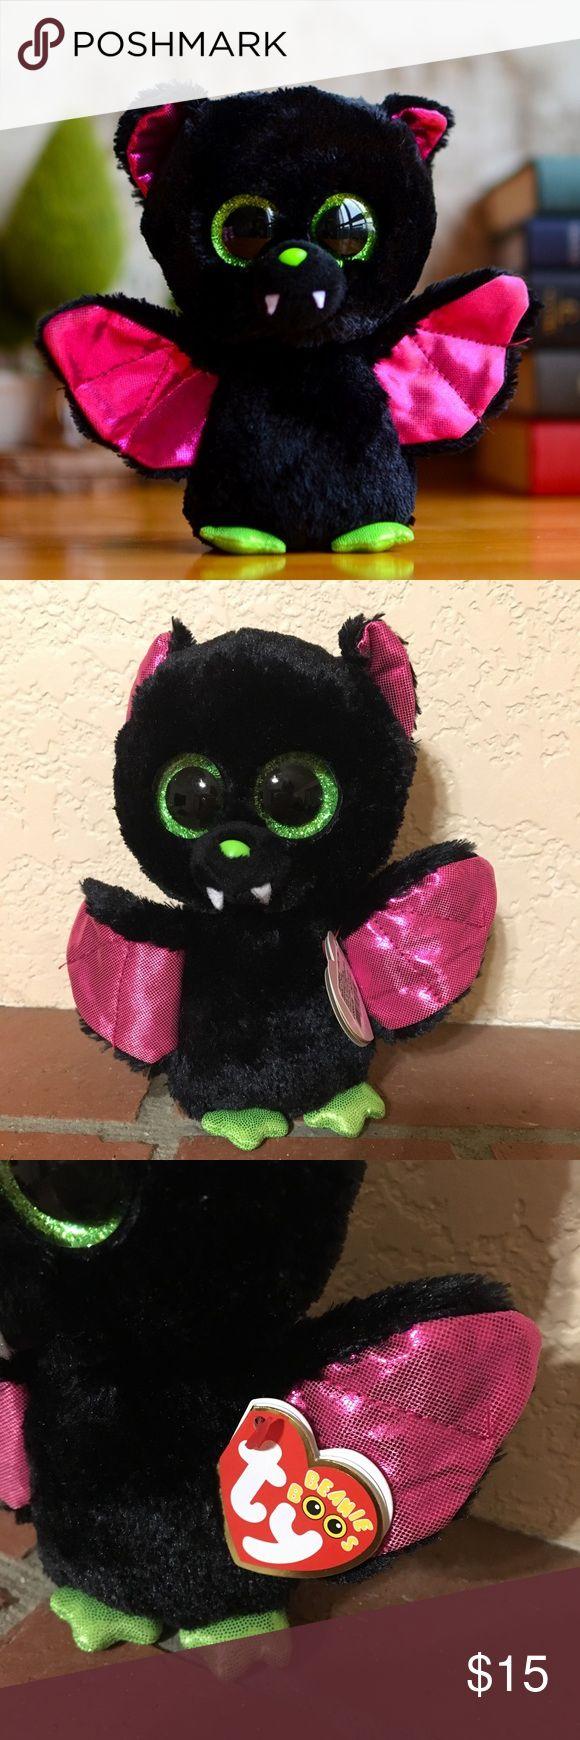 b82dd3d7937 TY Beanie Boo Plush - Igor the Bat 5.5